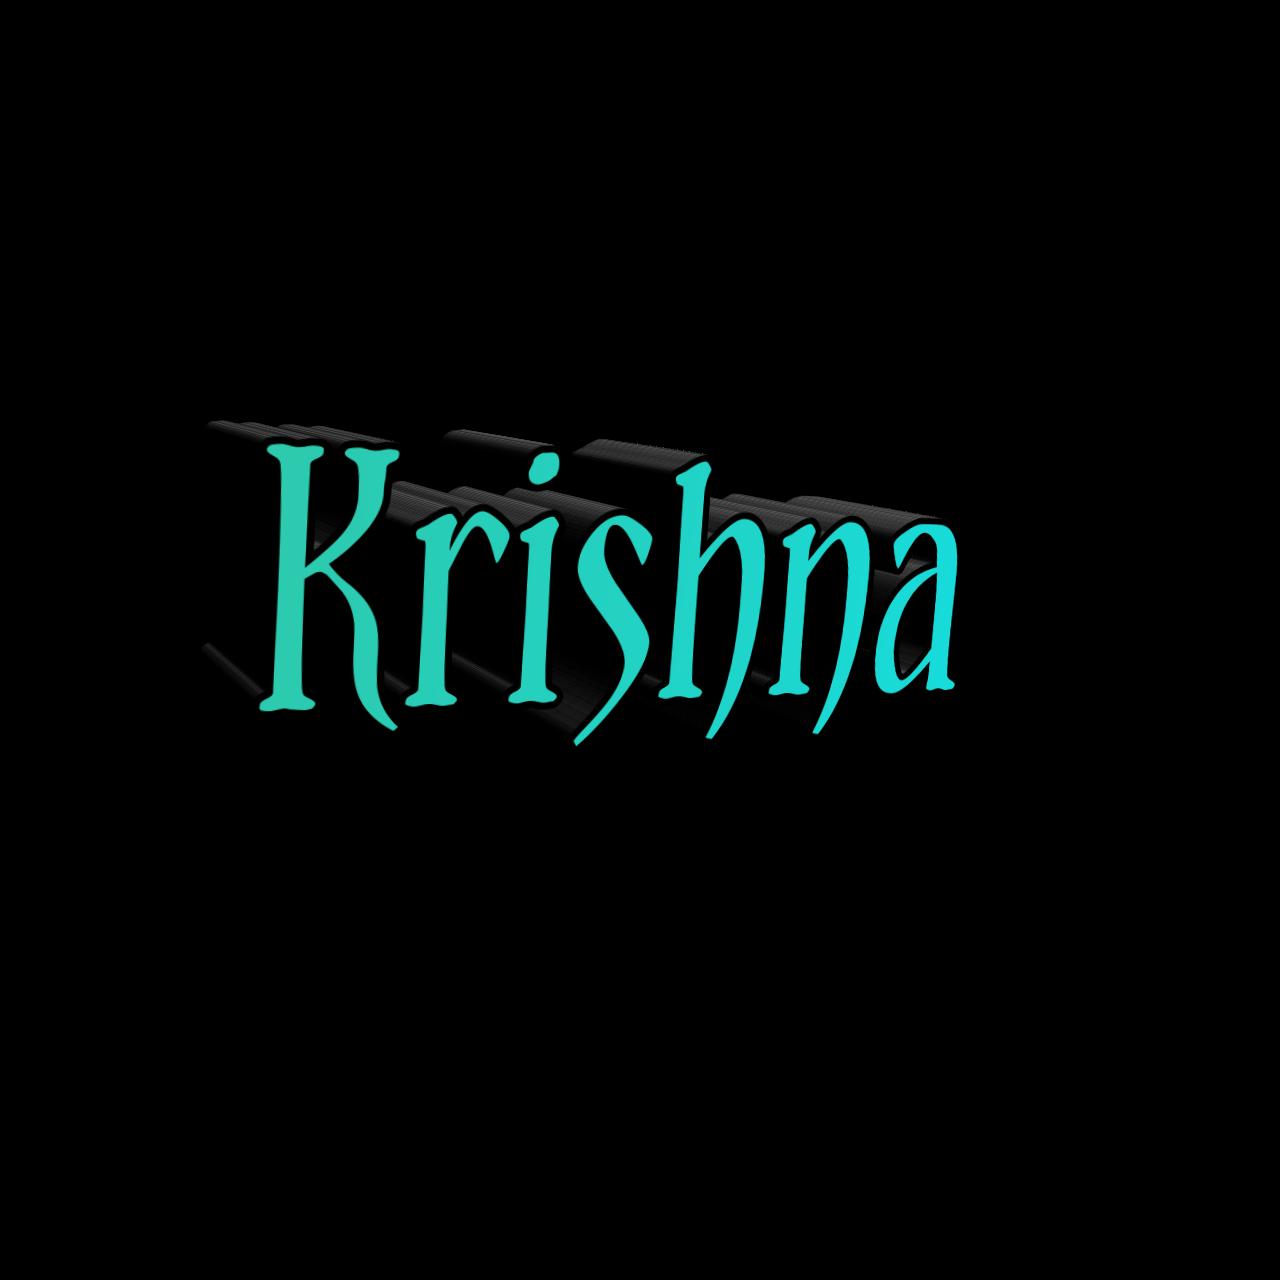 Krishna Kasera